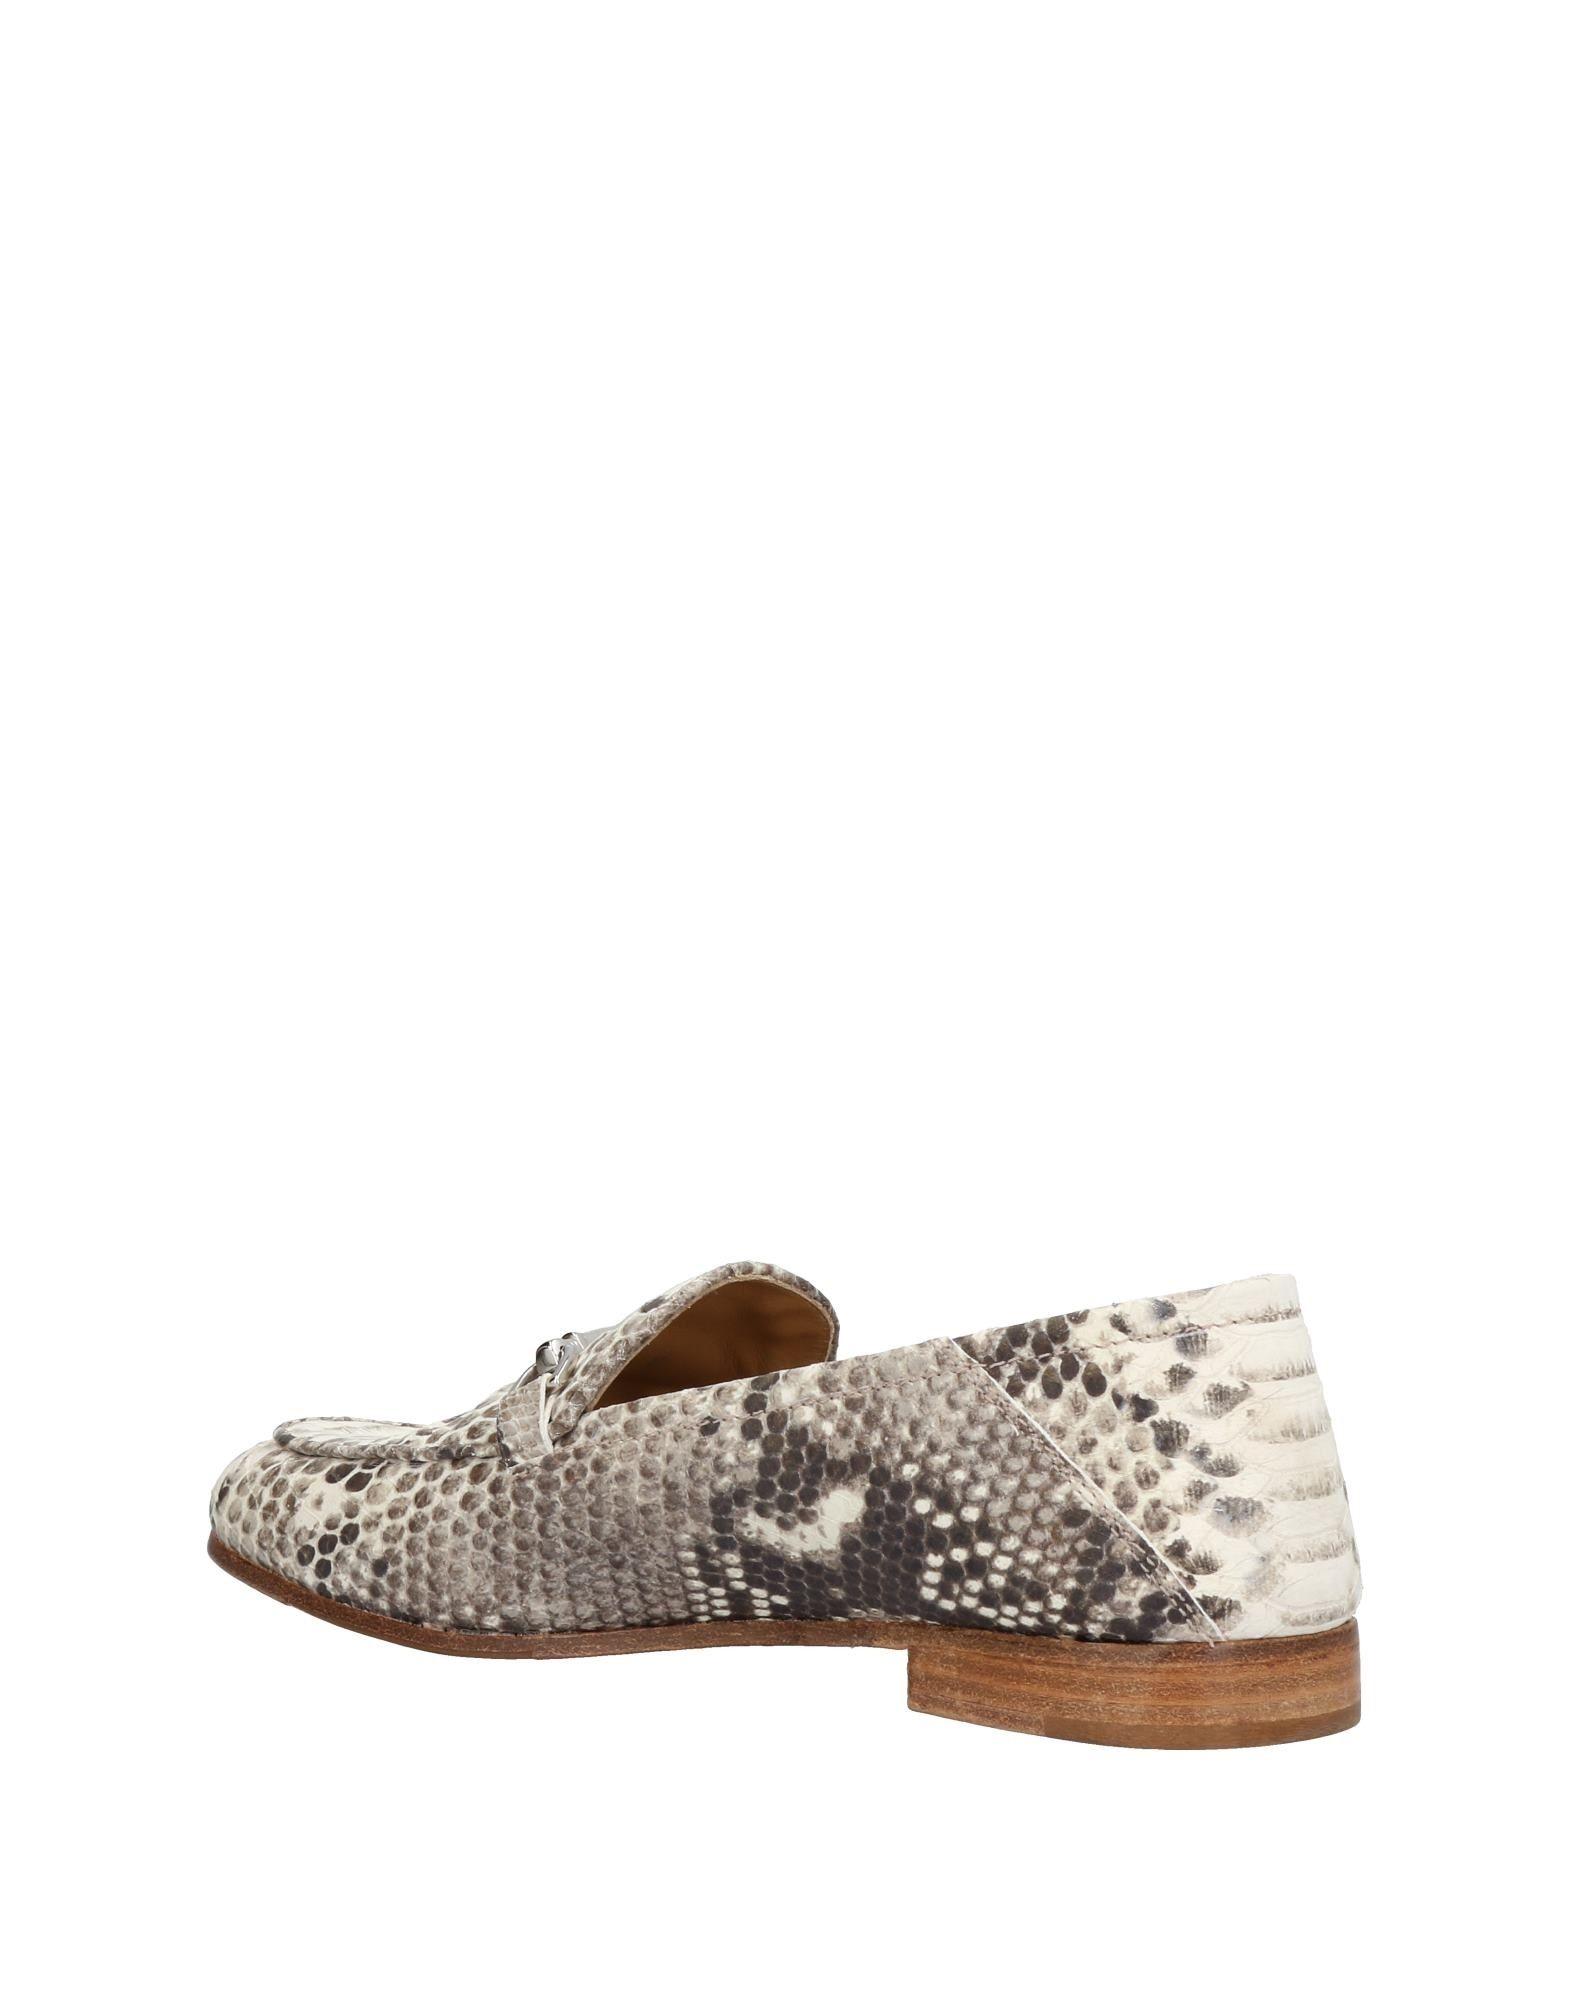 Gut um Mokassins billige Schuhe zu tragenLemaré Mokassins um Damen  11456158DJ a07e4d